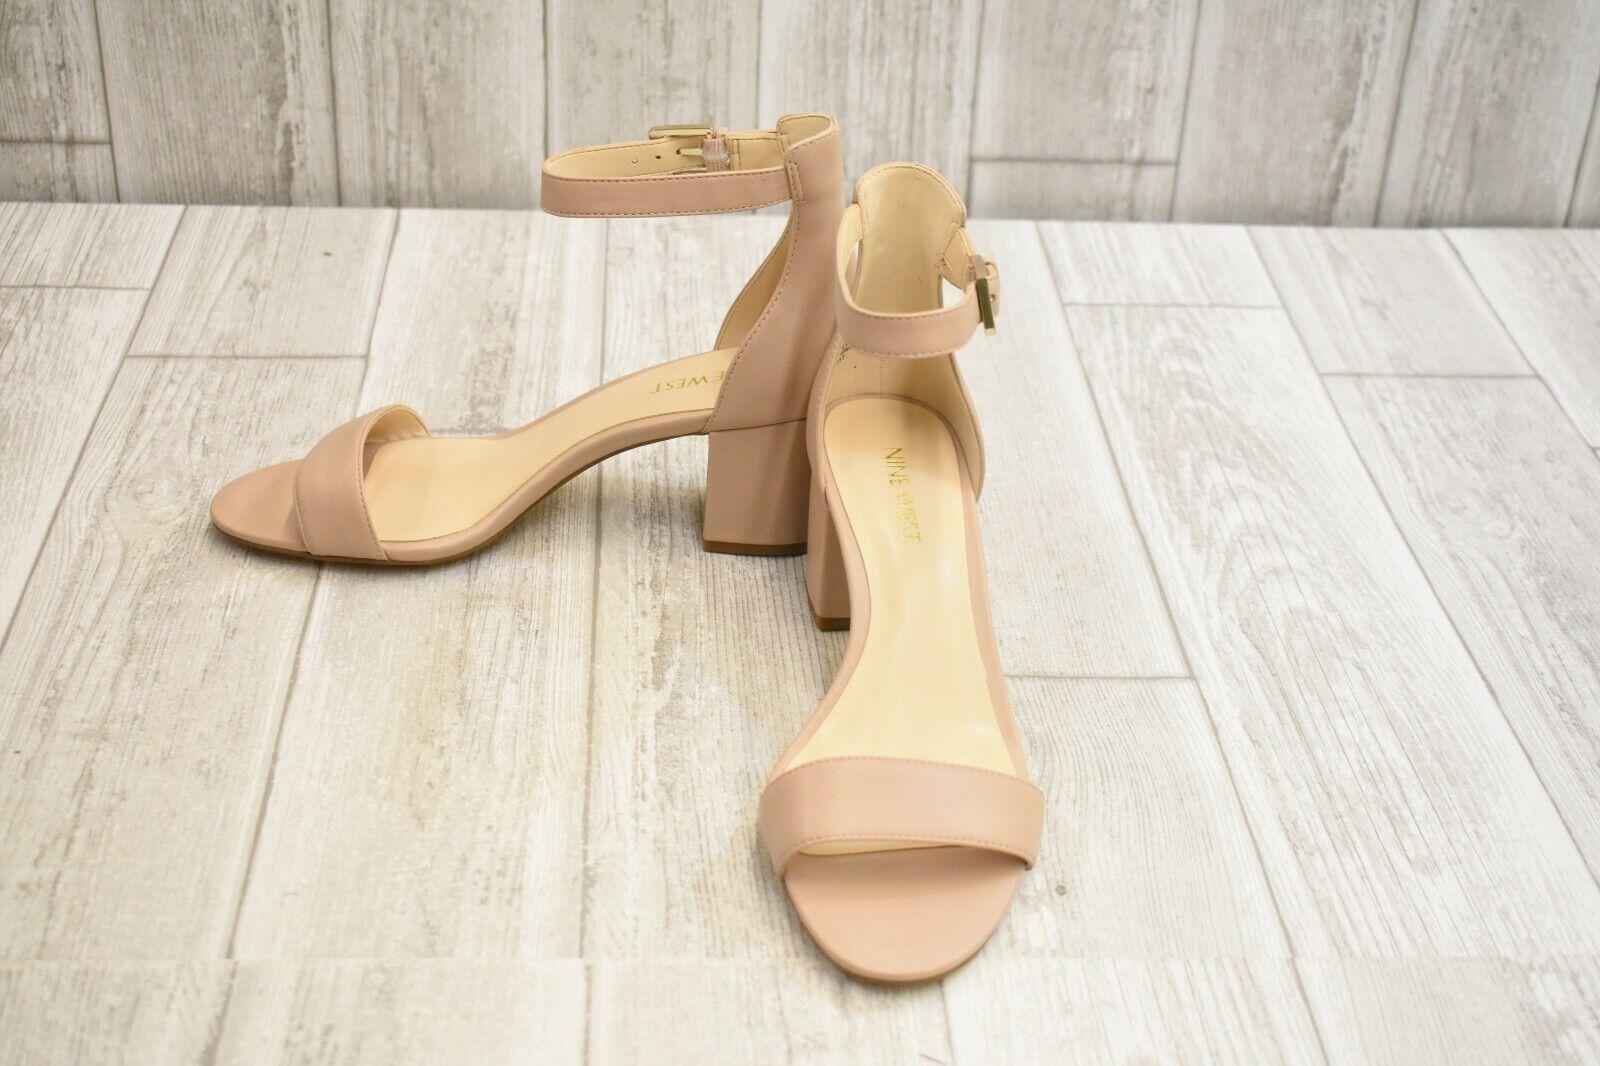 Nine West Fields Block Heel Sandal - Women's Size 7.5 M - Nude